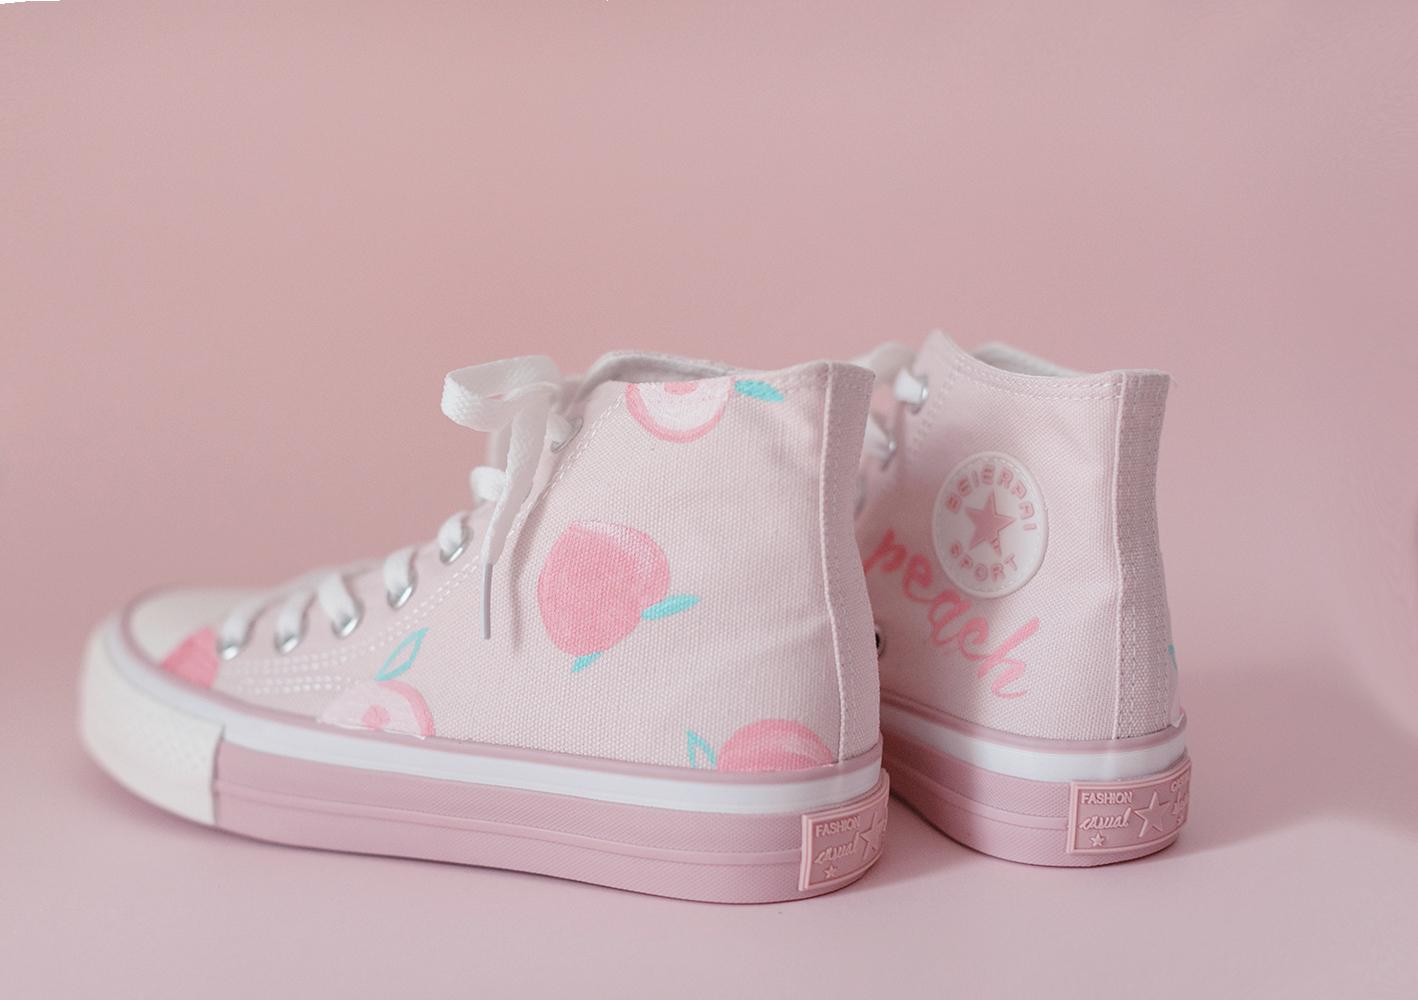 秋新款粉色高帮平底手绘帆布鞋水蜜桃子女鞋少女心学生日系小清新